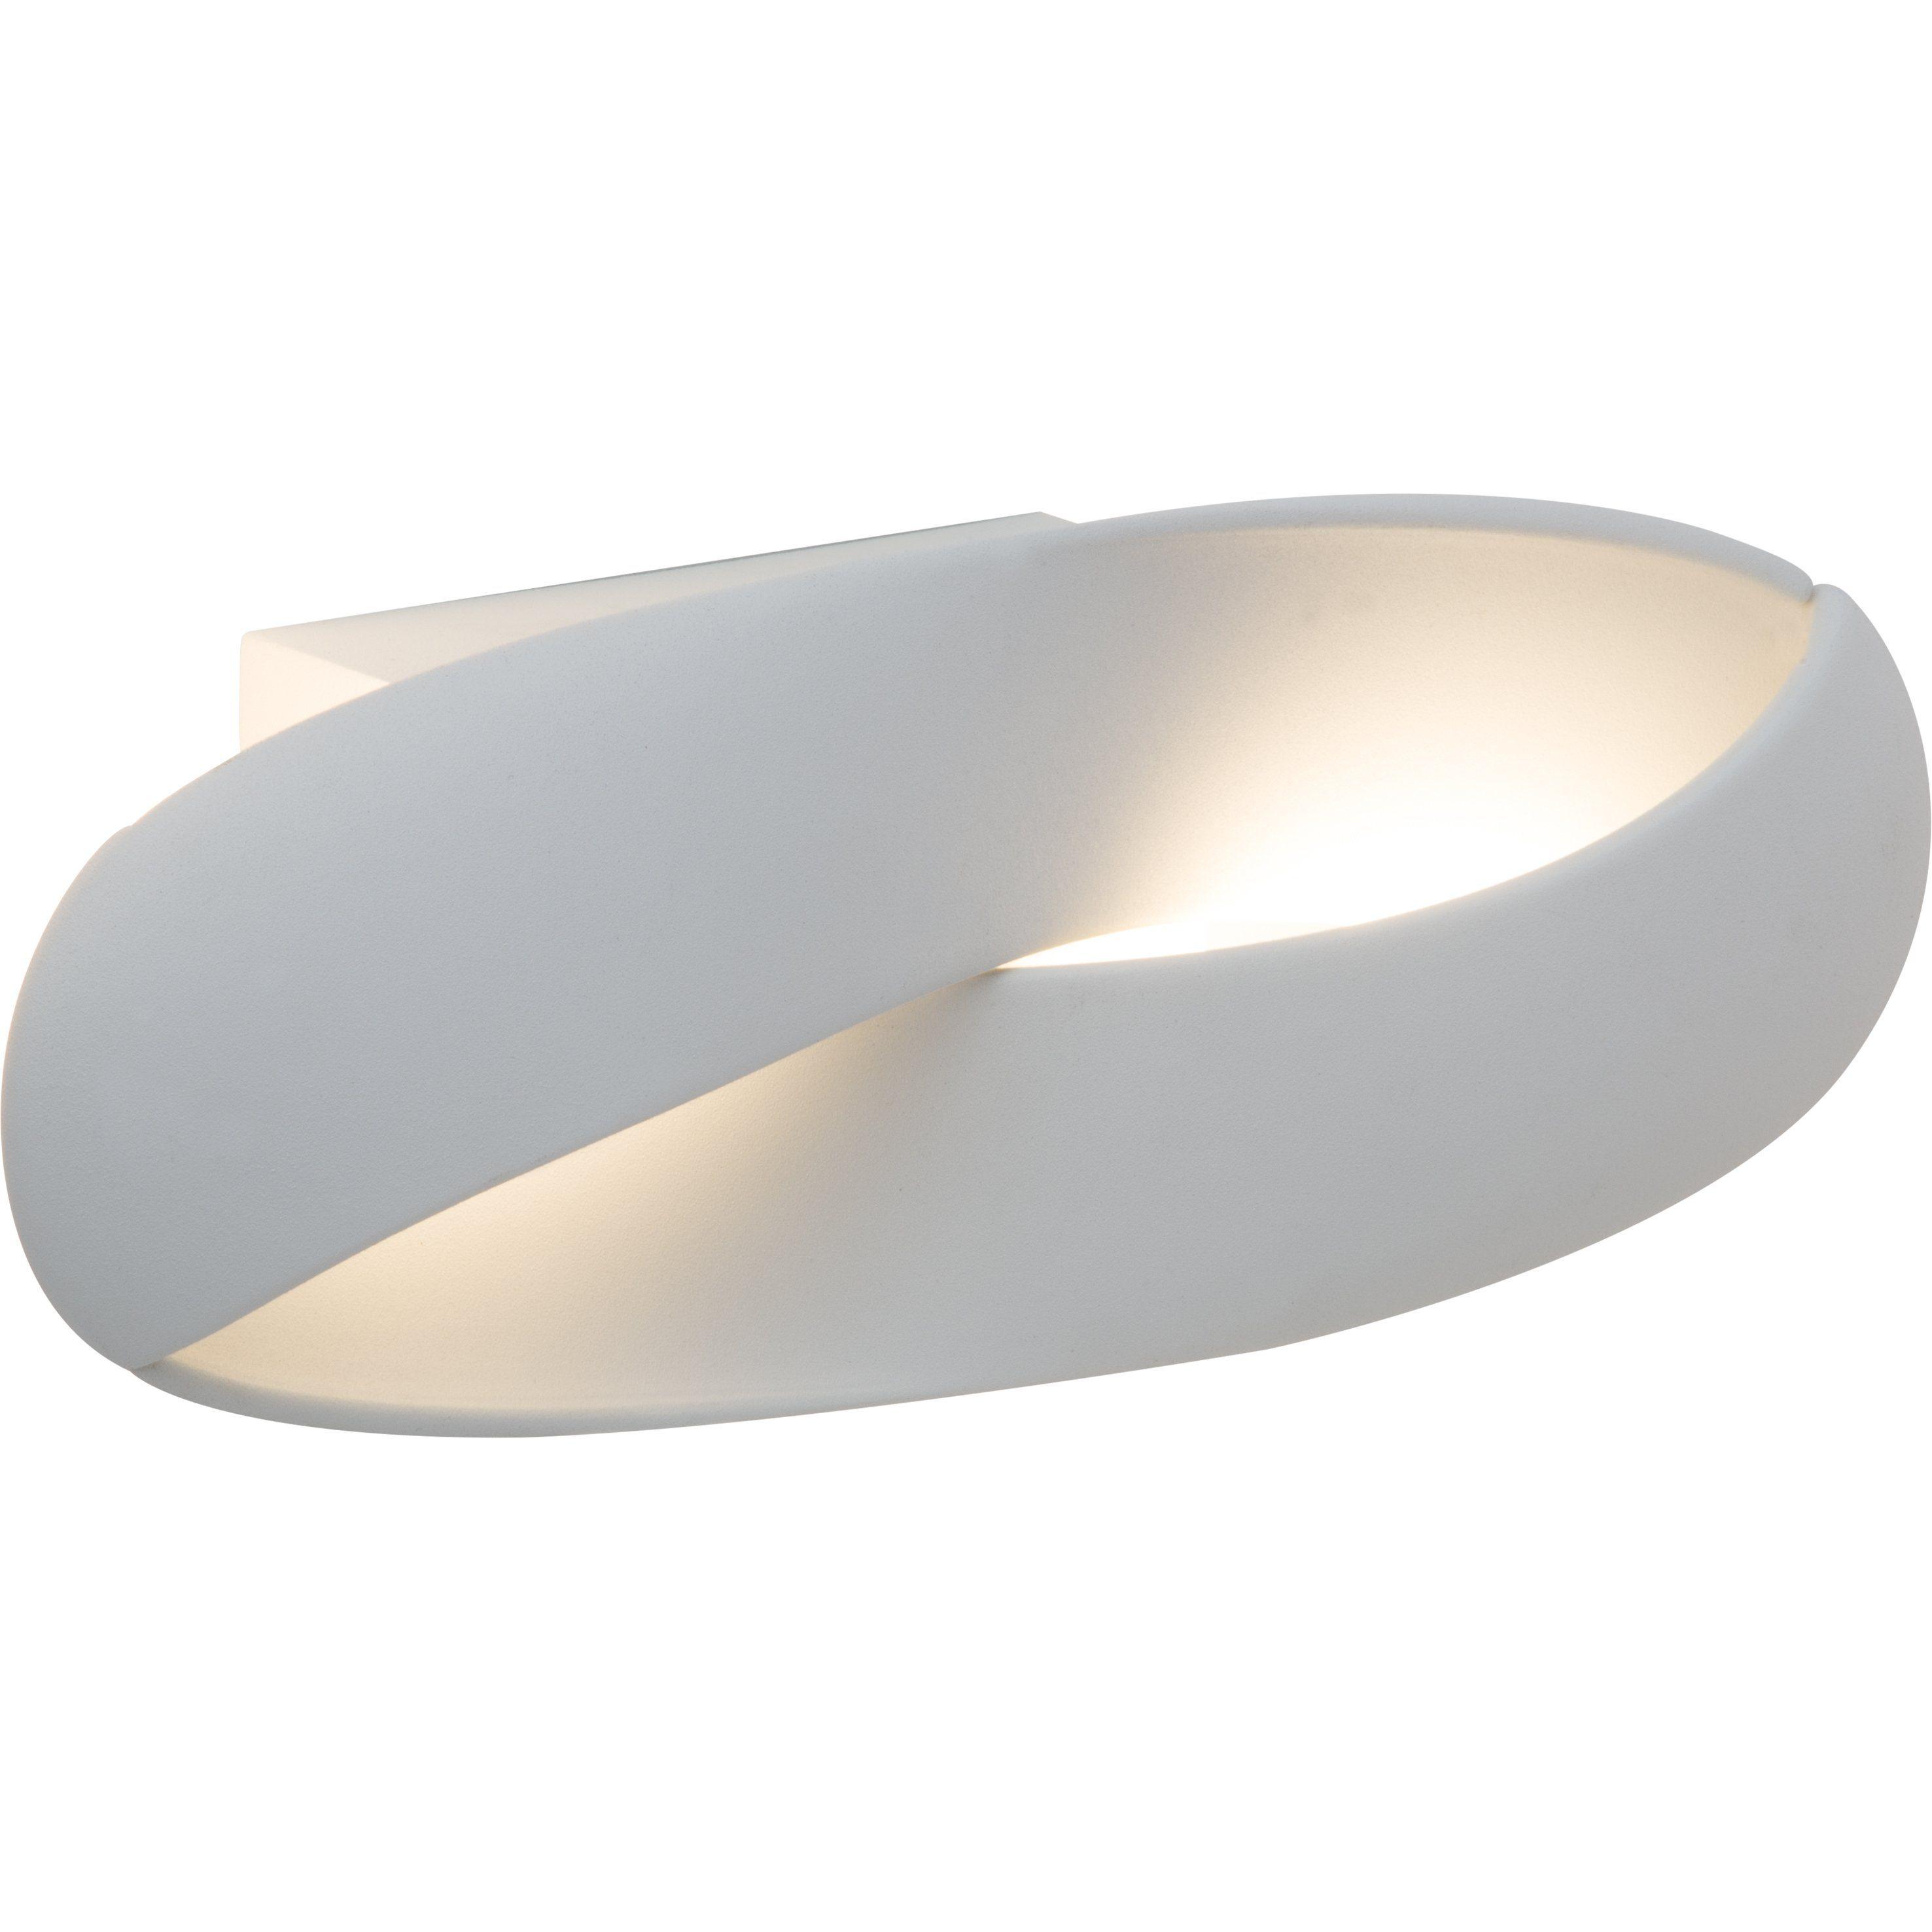 Brilliant Leuchten Soft LED Wandleuchte weiß